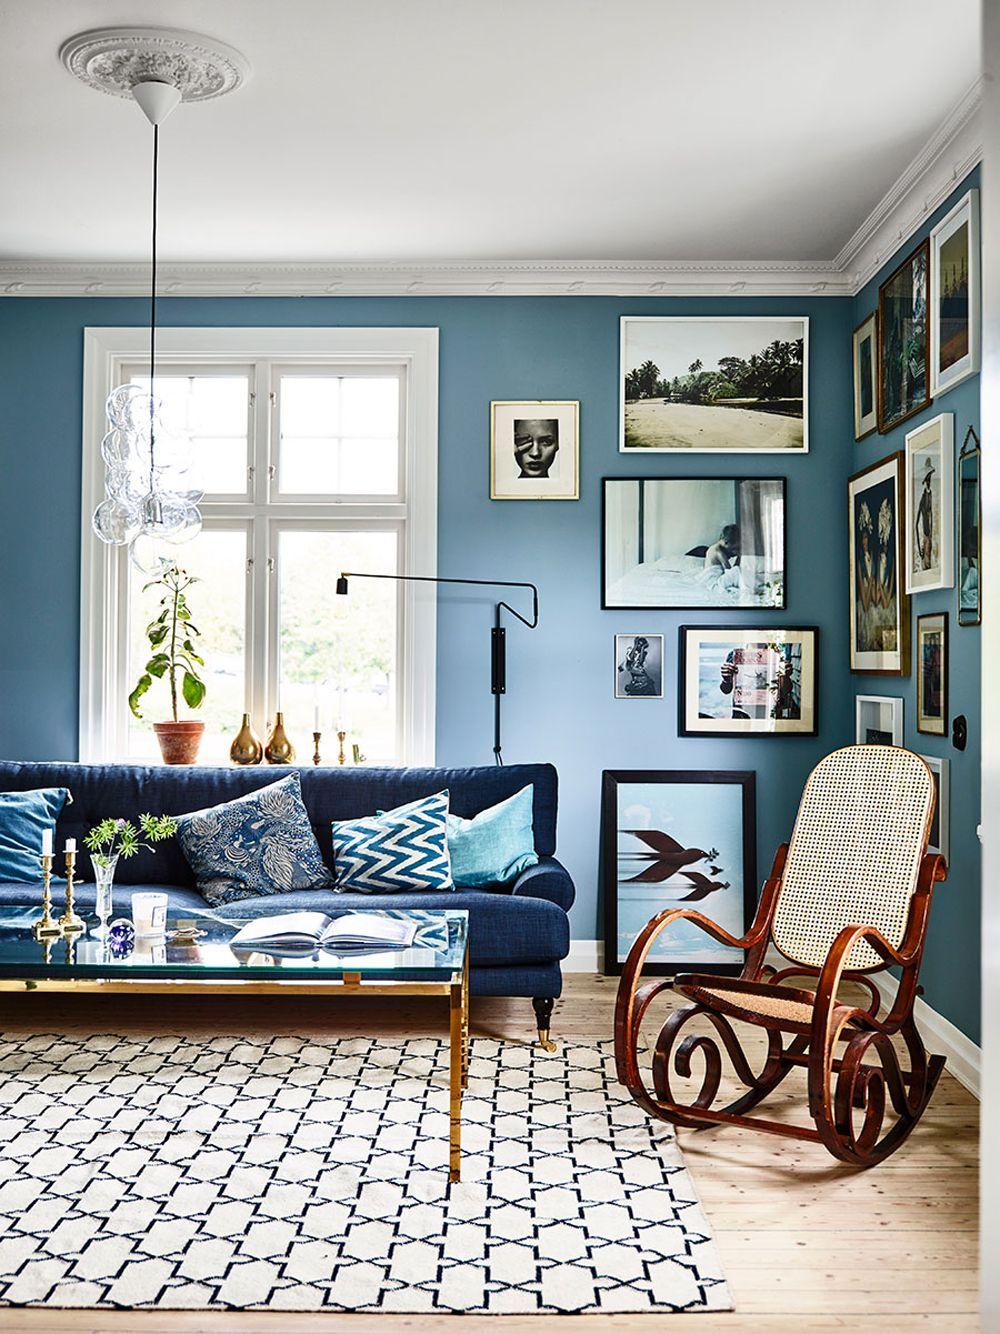 Innenarchitektur für wohnzimmer für kleines haus  blaue wohnzimmer zum entspannen  badezimmer deko ideen